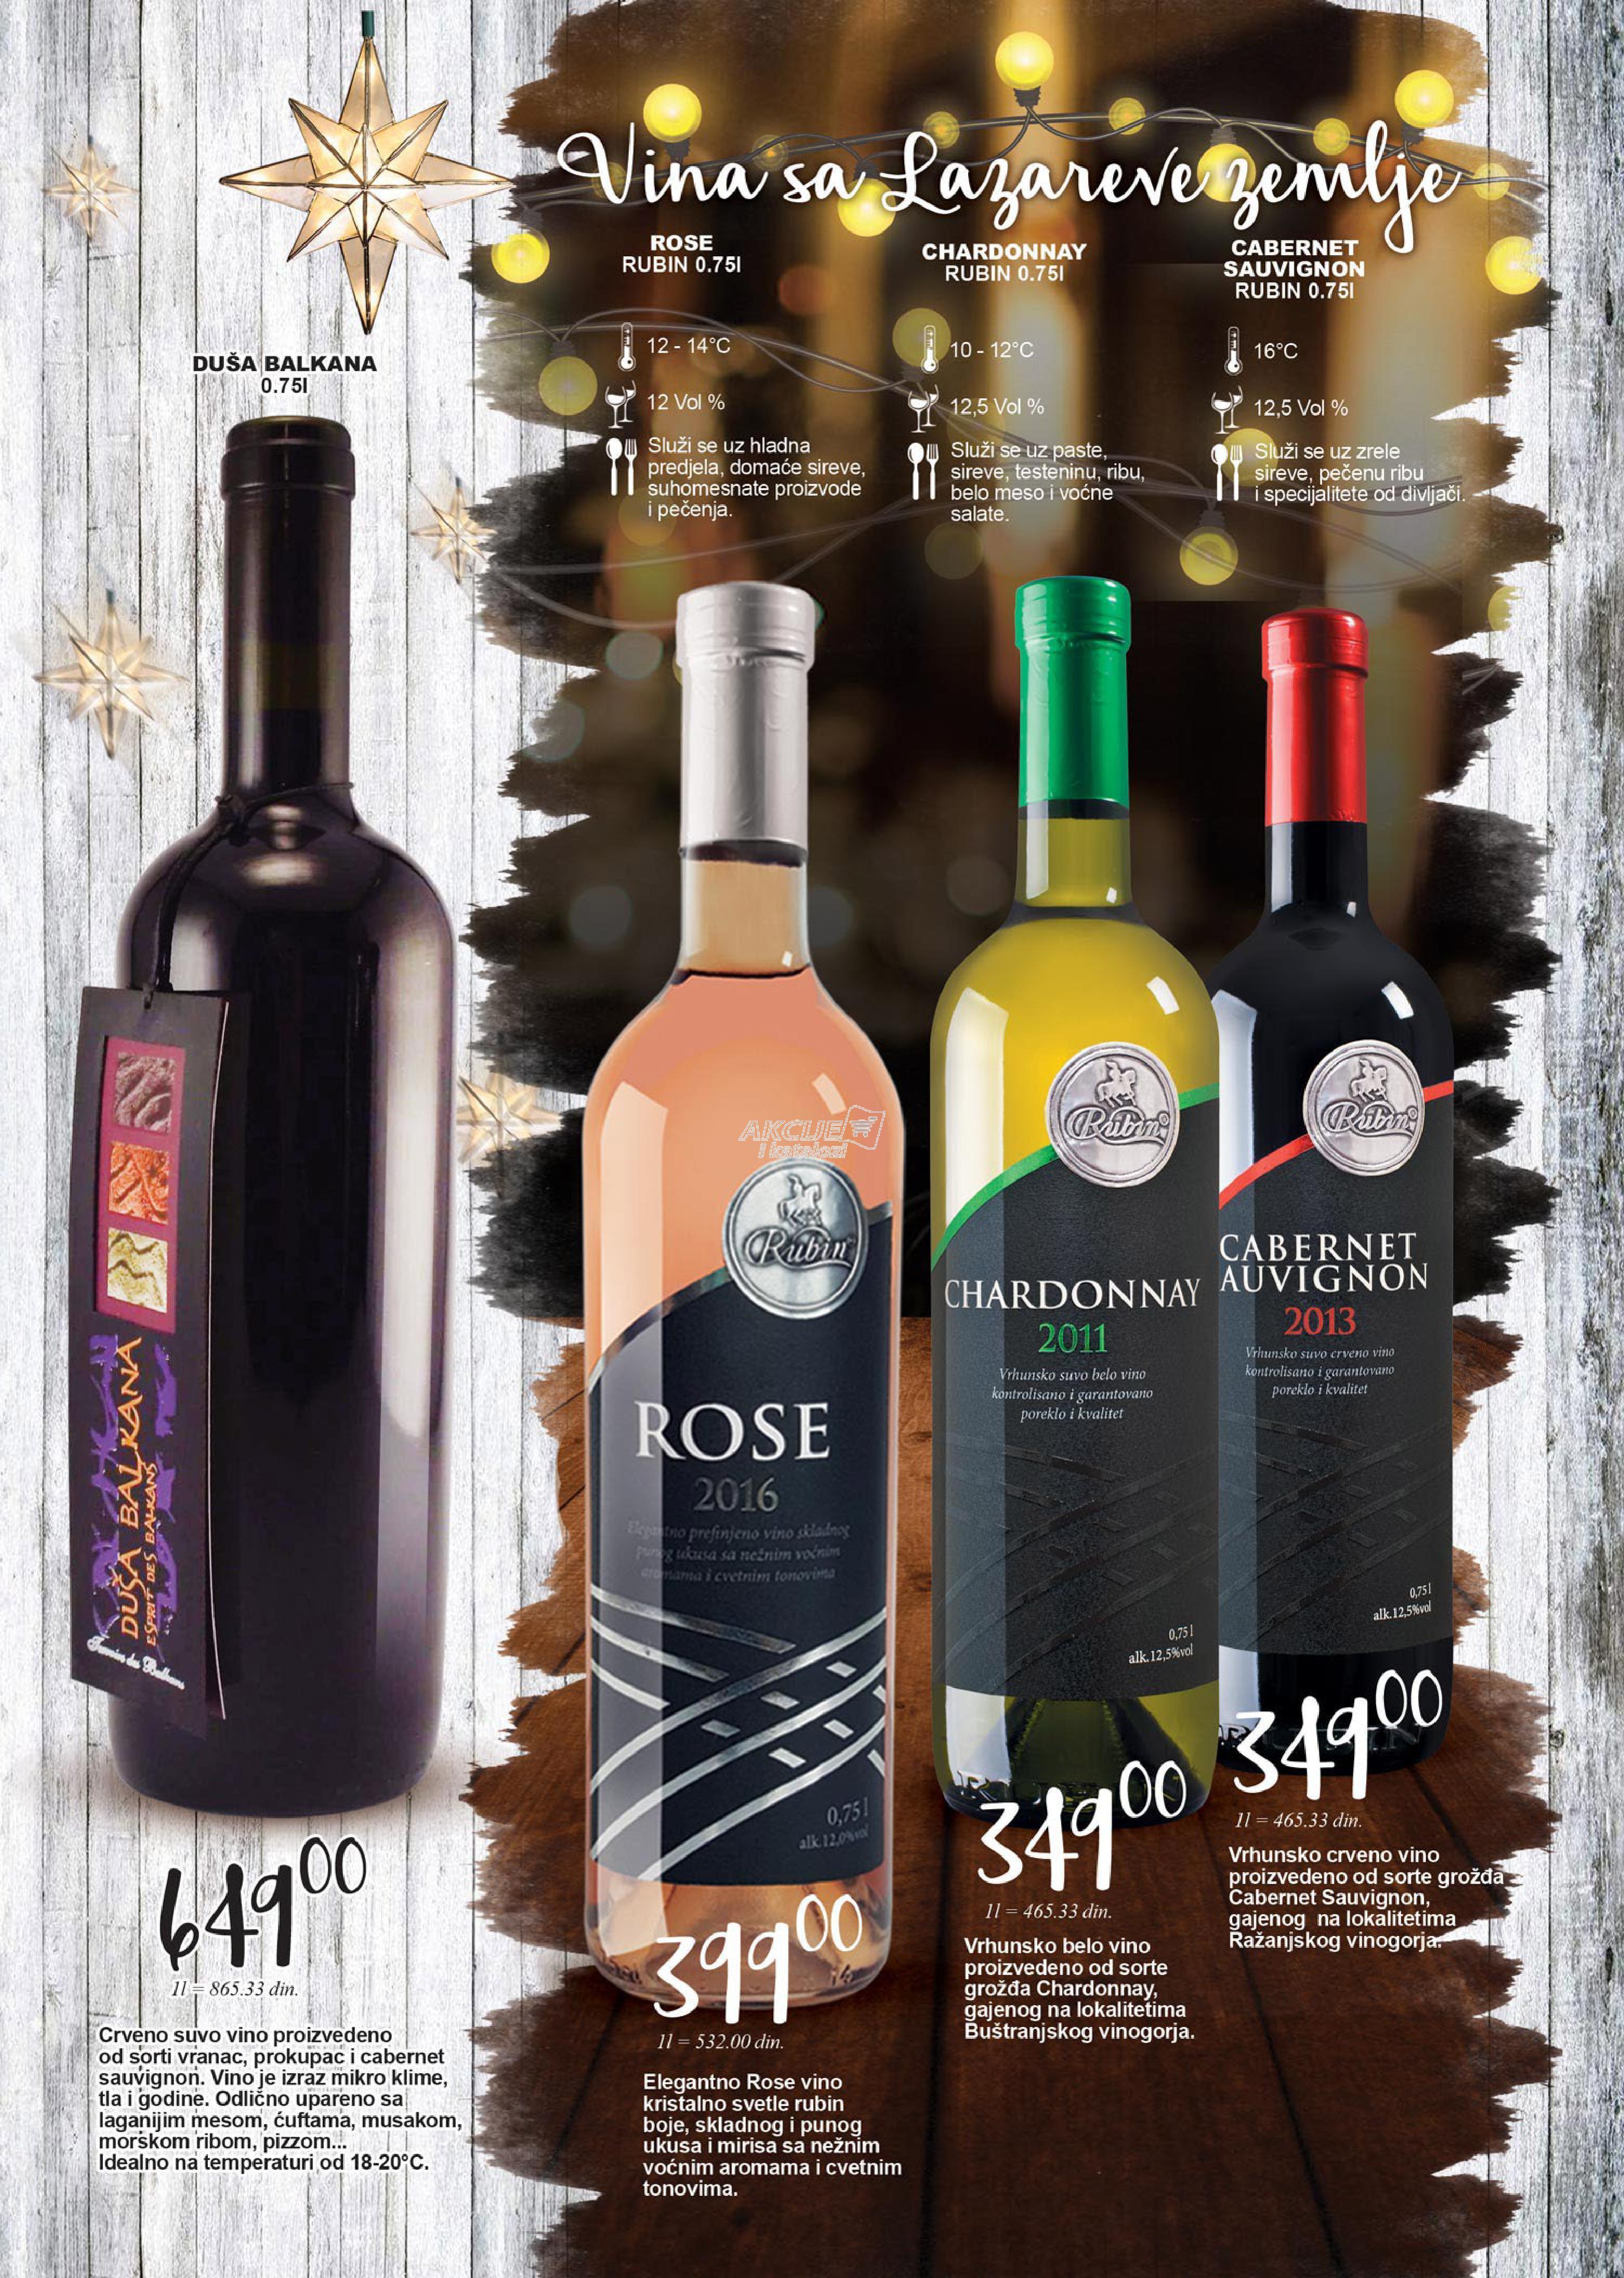 Aman akcija super cene vina